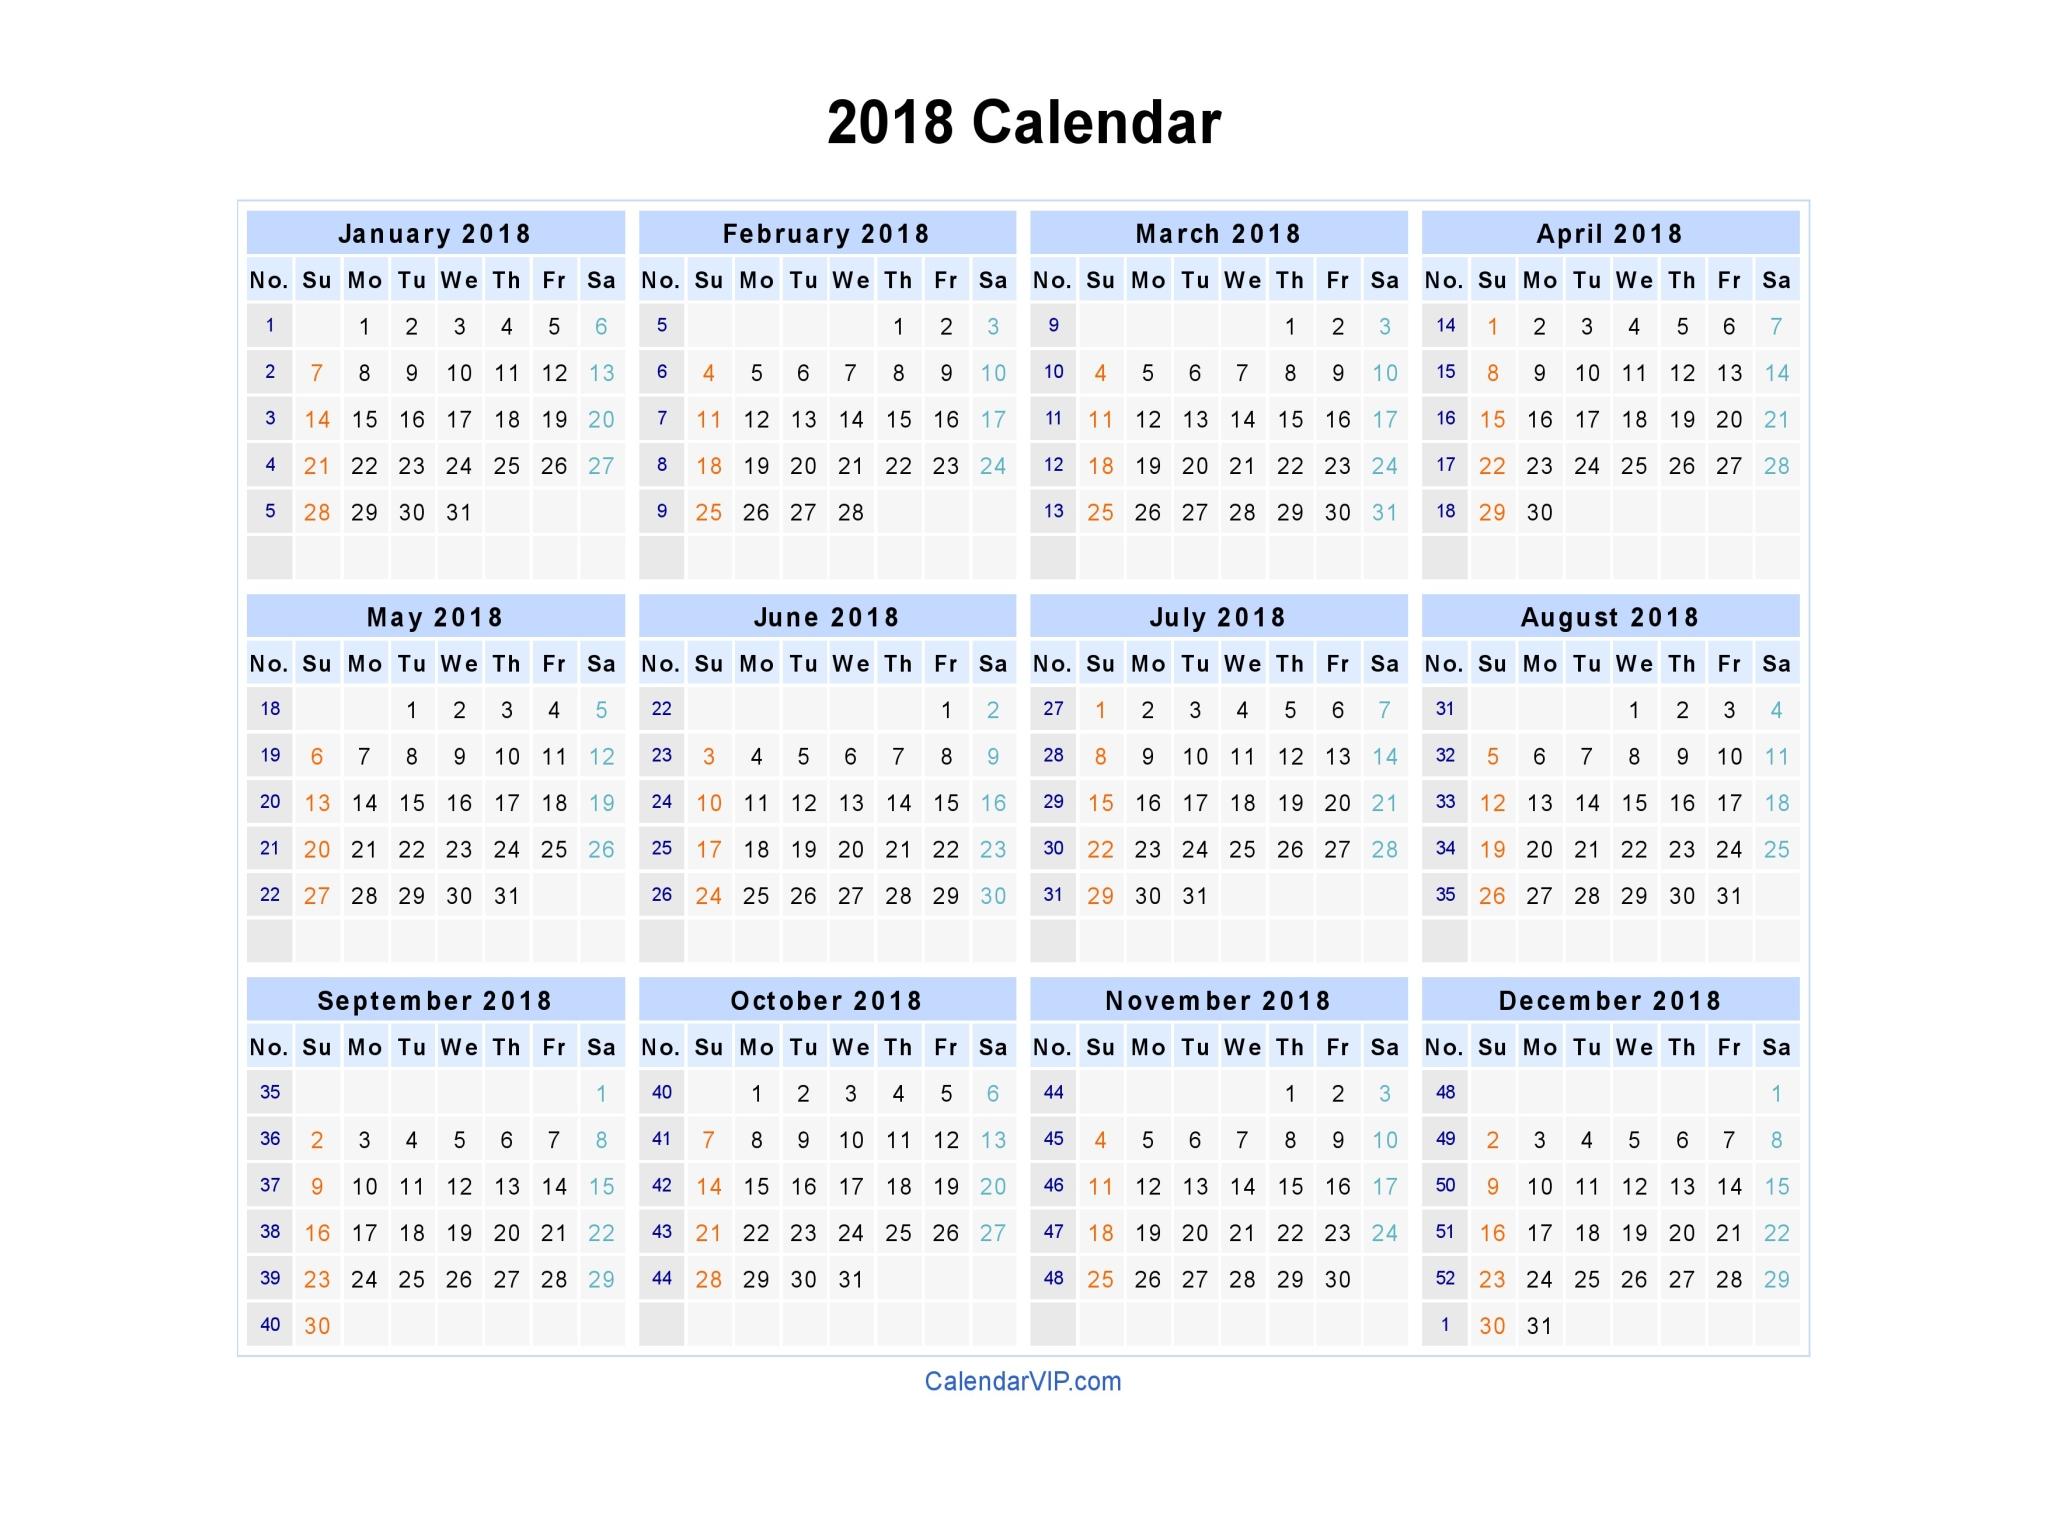 Nz Calendar 2014 Psd Google June 2018 Calendar 2018 Calendar